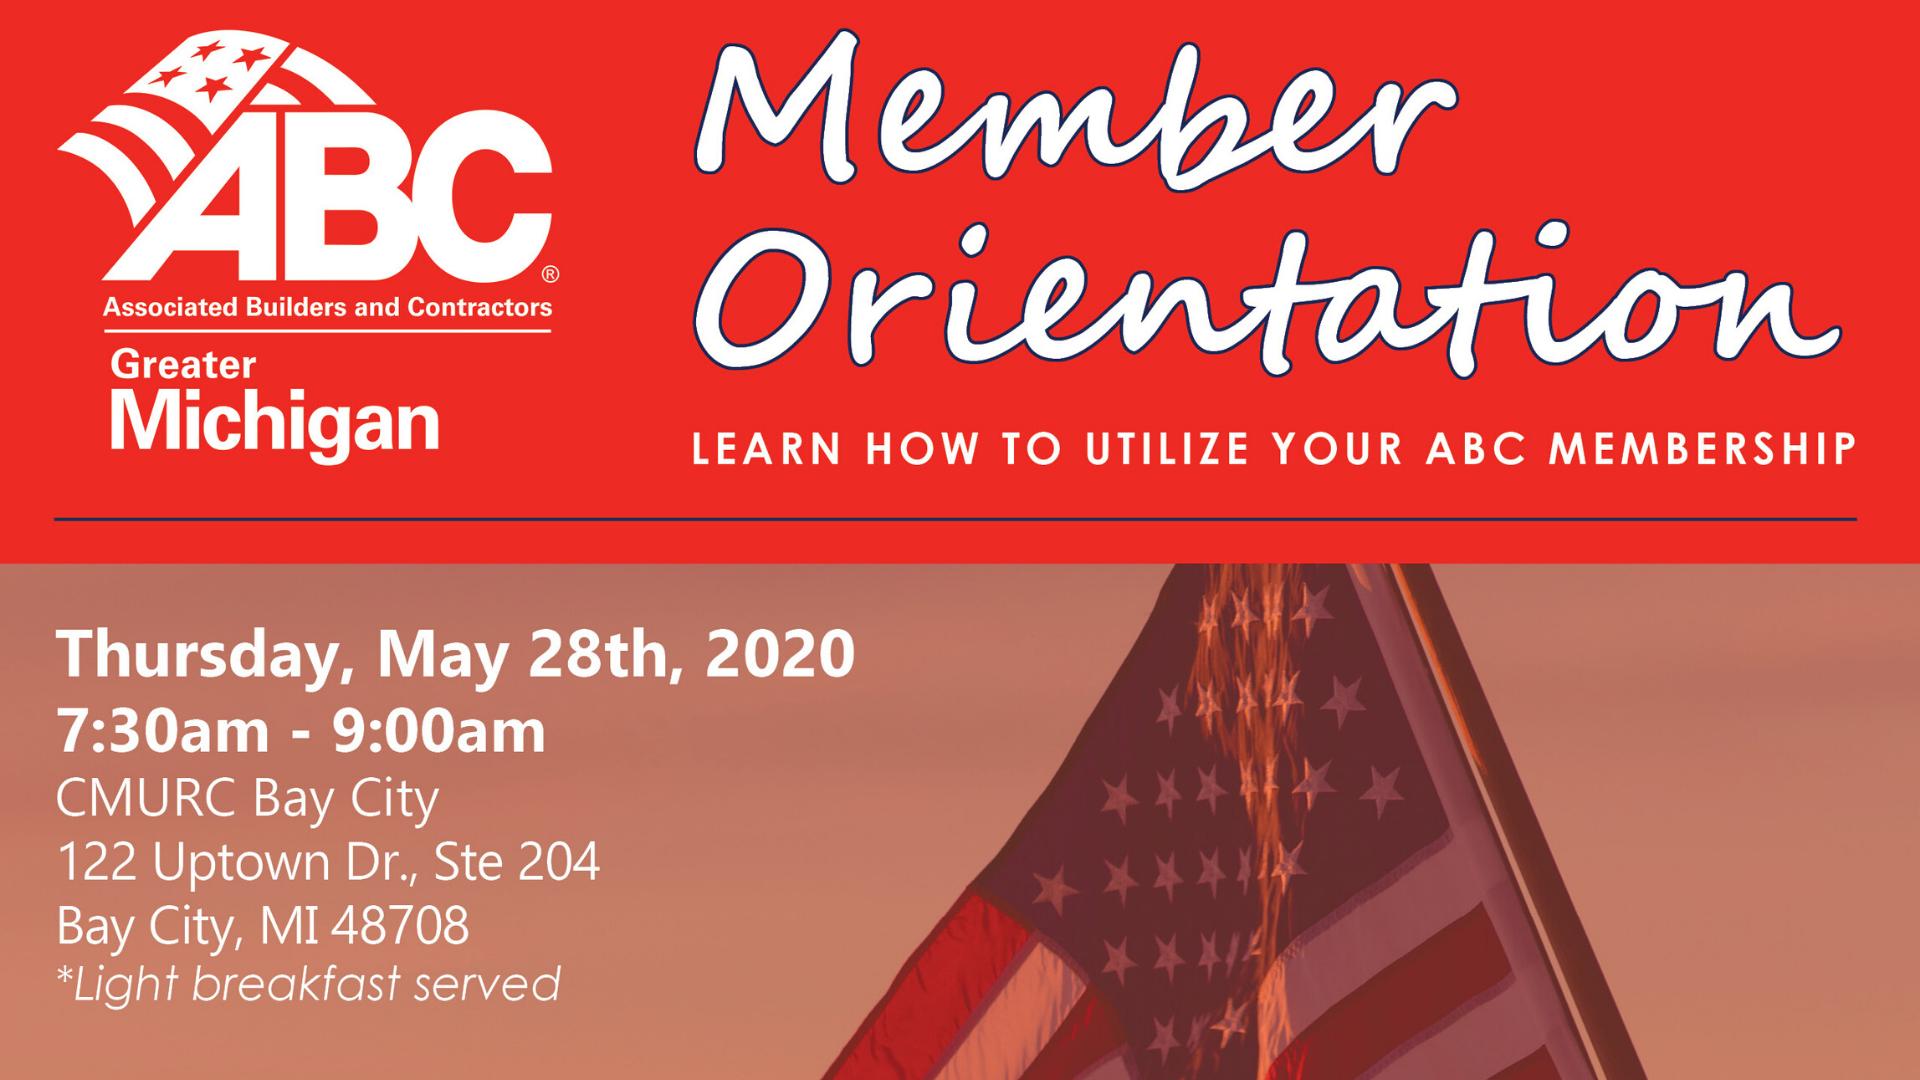 Member orientation flyer